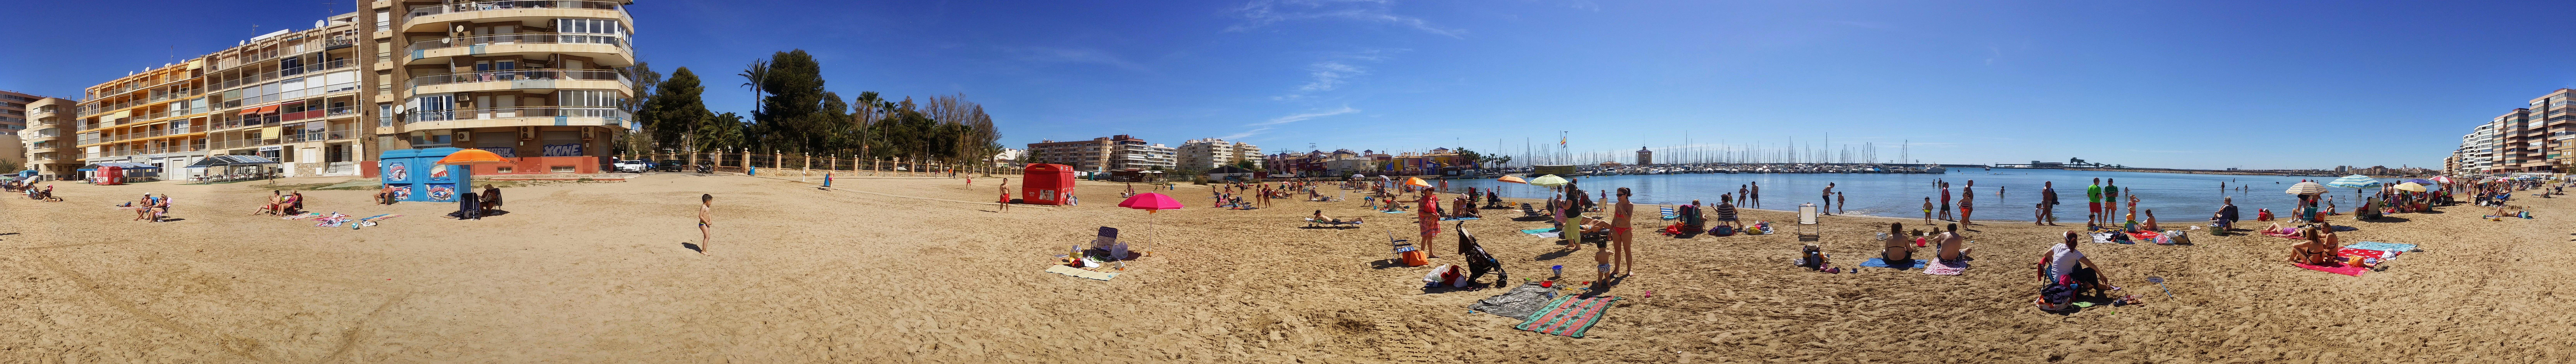 Strand in Torrevieja